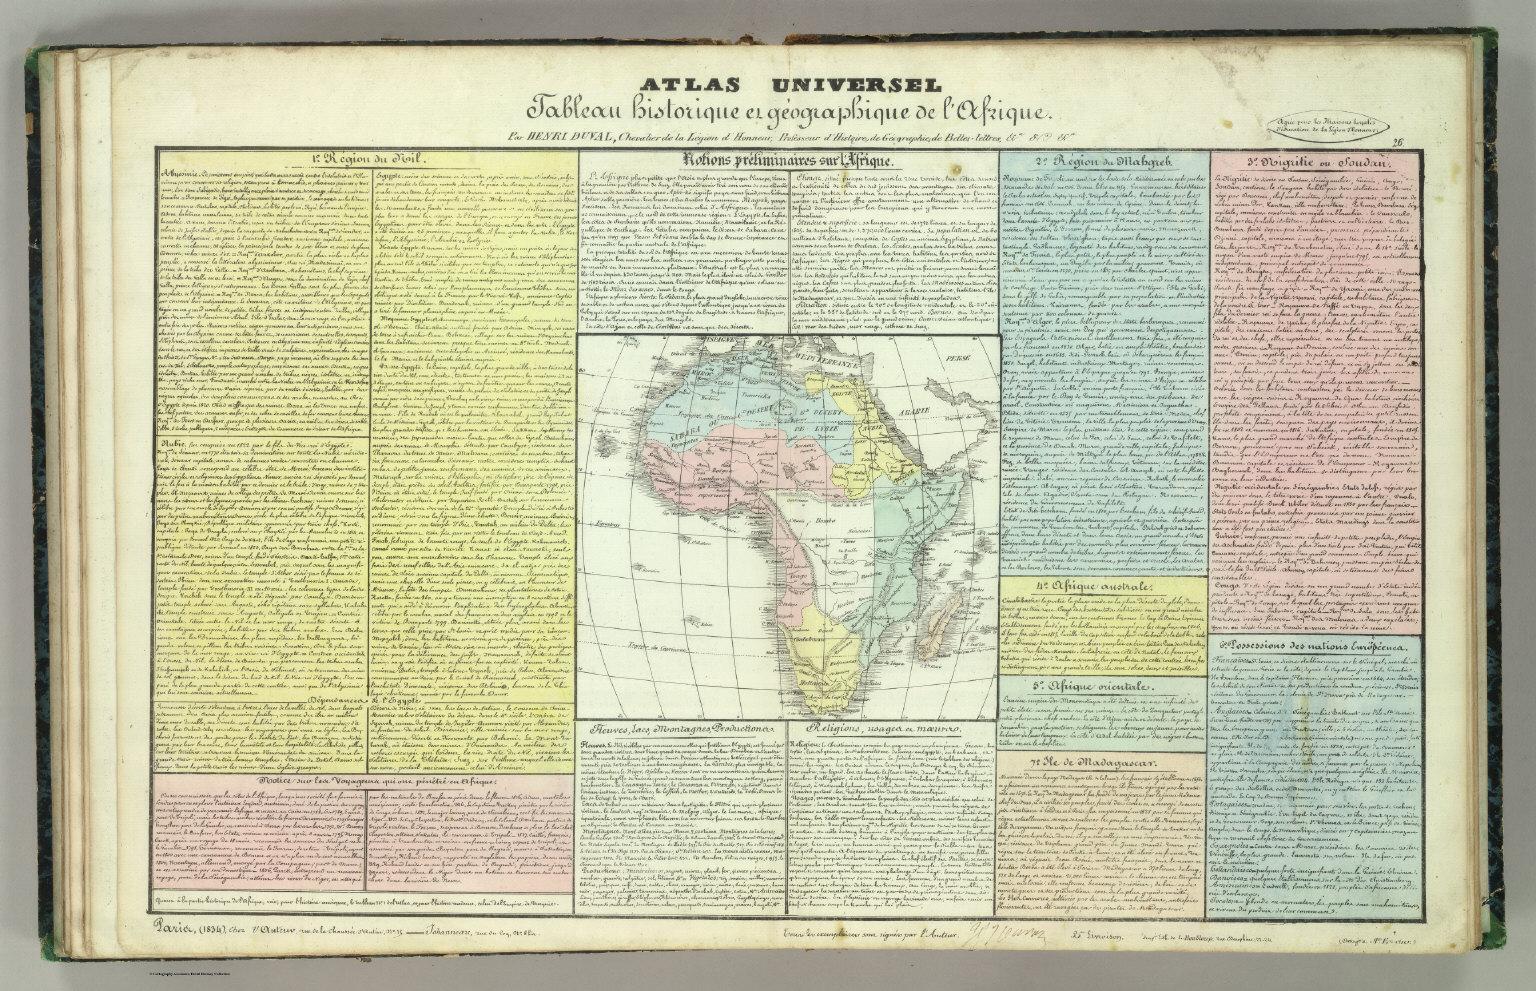 Tableau l'historie de 'Afrique.